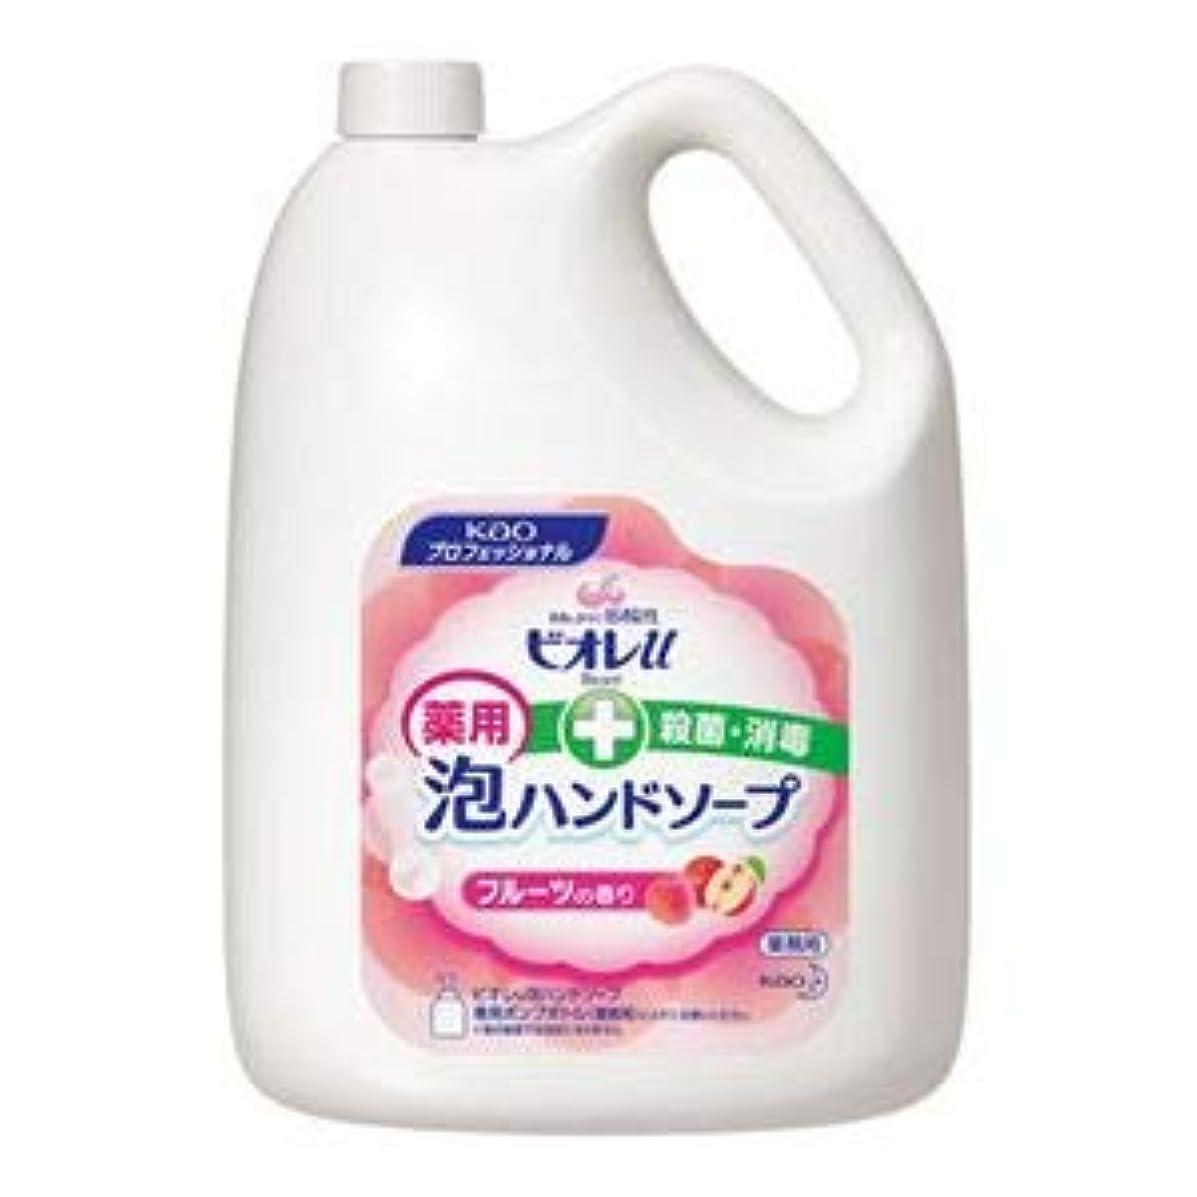 シャワー記憶に残るお金ゴム花王 ビオレU泡ハンドソープ フルーツ 4L 3本